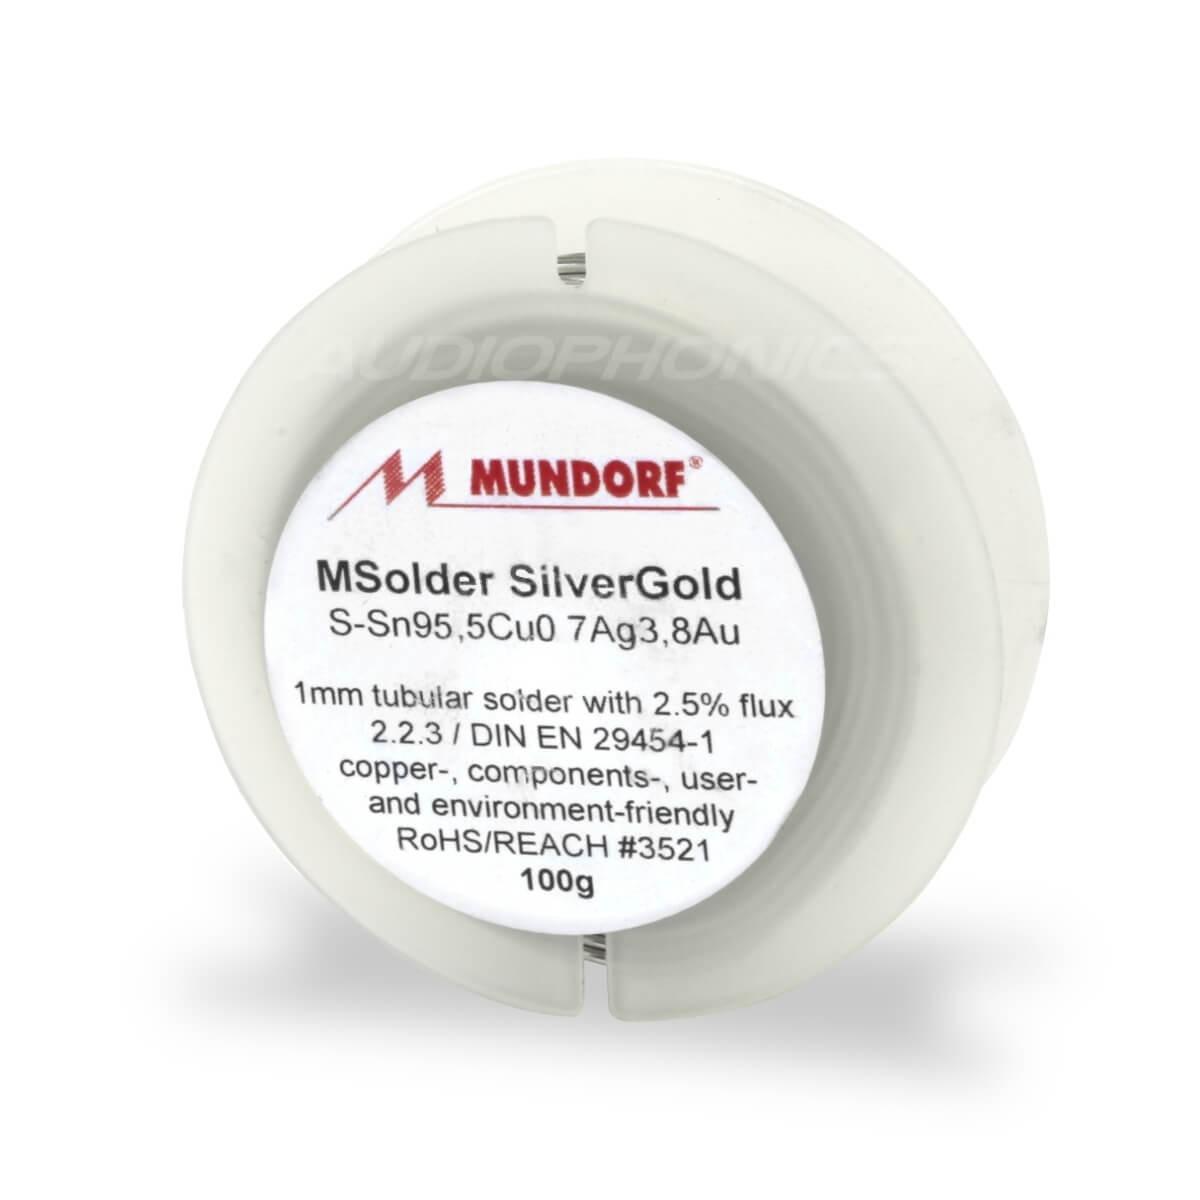 Etain à souder - Mundorf Argent-Or 4%